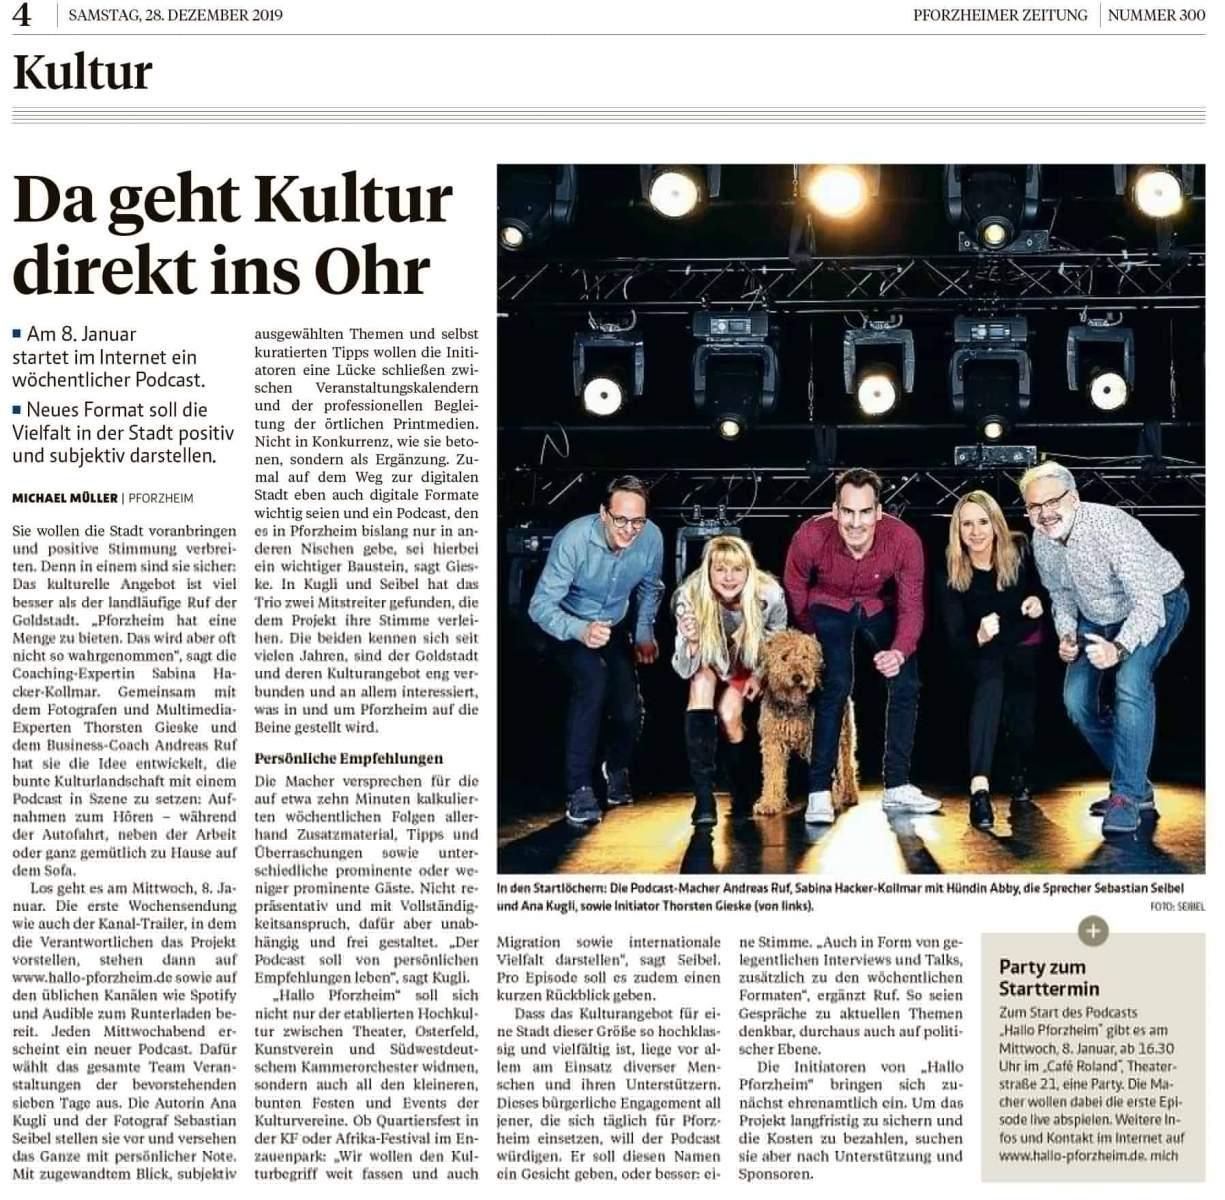 PZ-Pforzheim-vom-28.12.2019-Seite-4